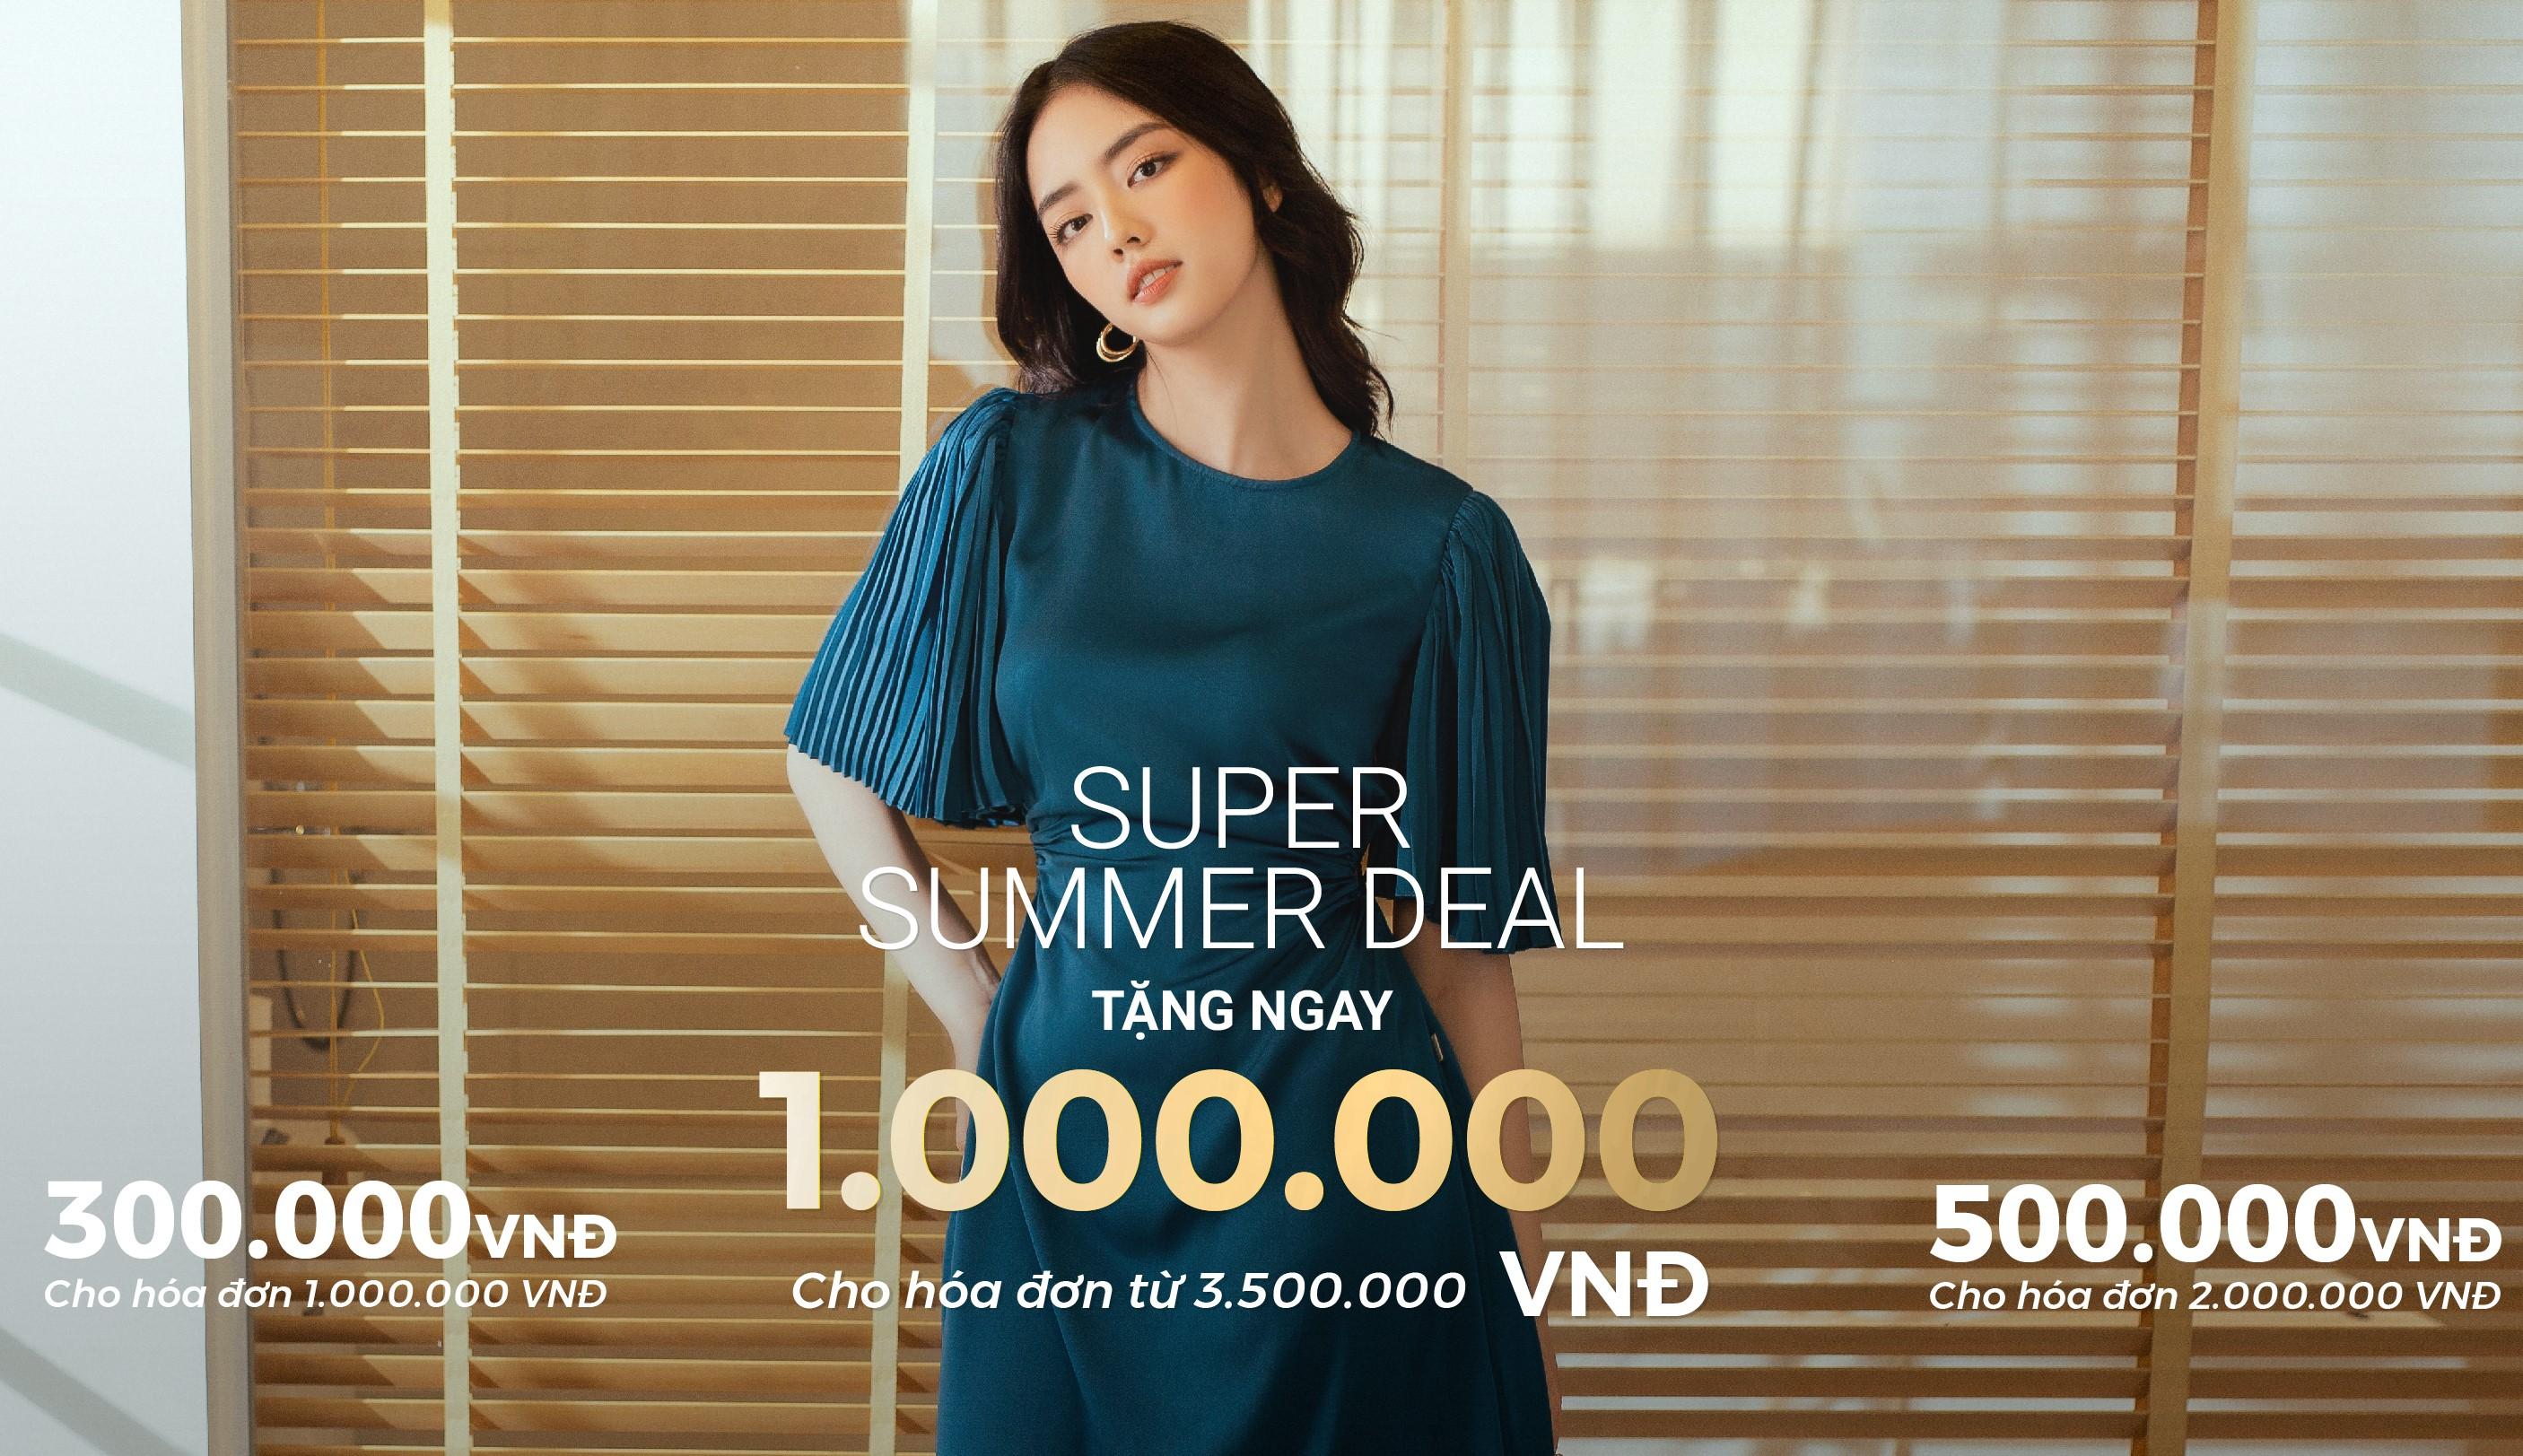 super-summer-deal-3116417